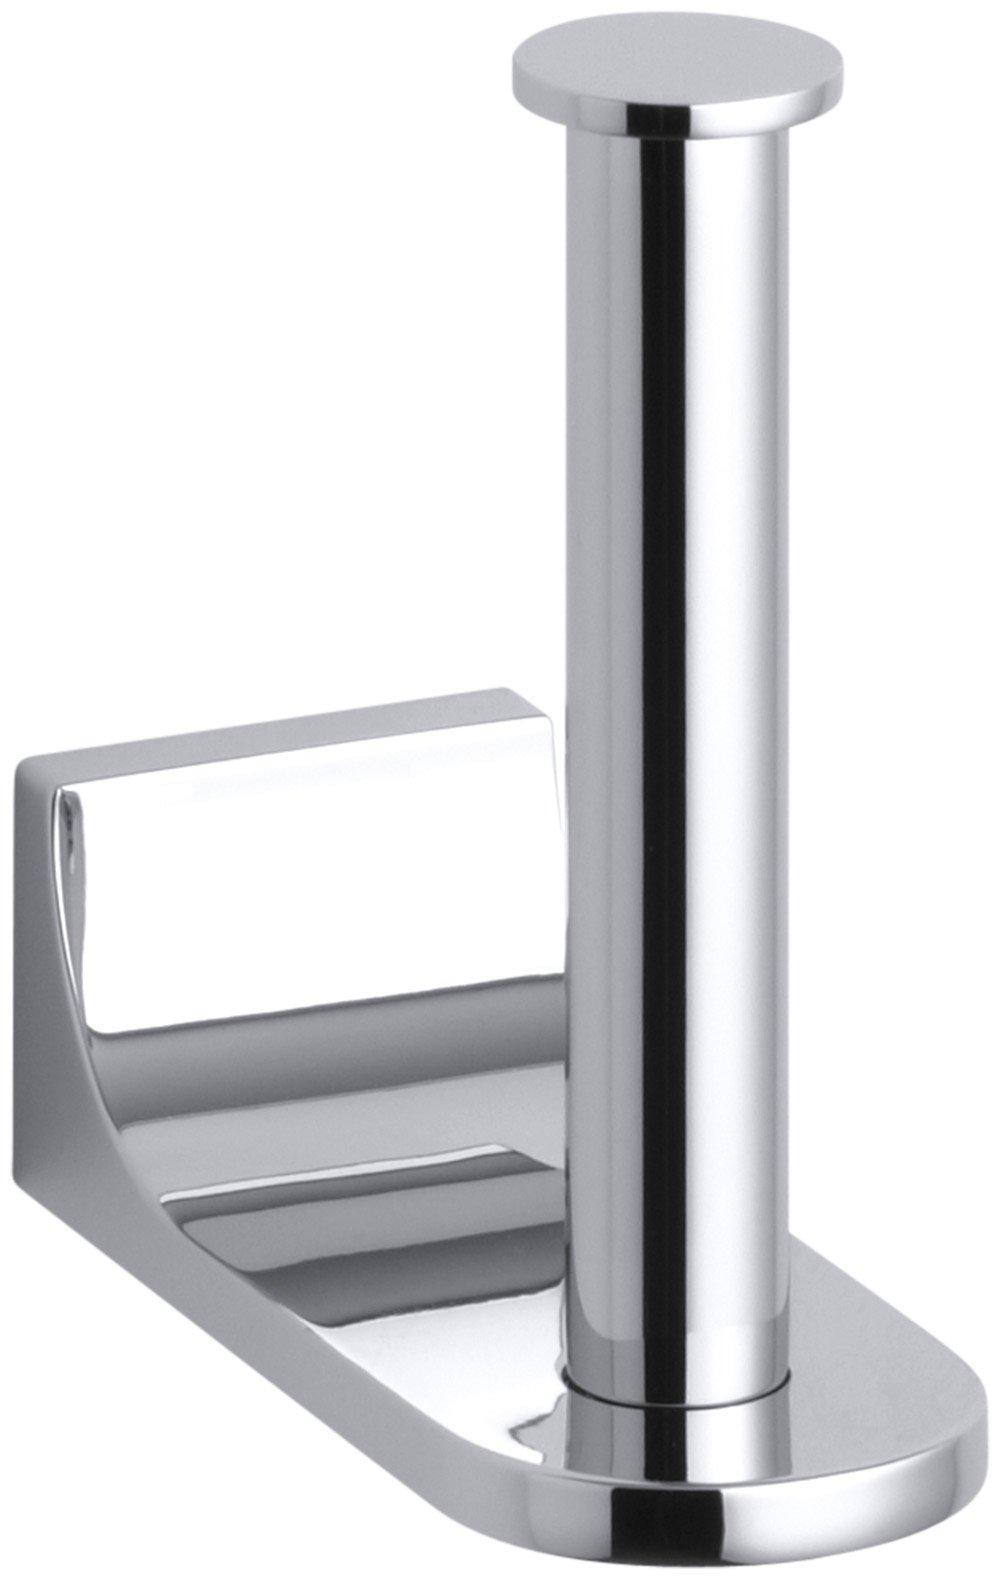 Kohler K-11583-CP Loure Vertical Toilet Tissue Holder, Polished Chrome